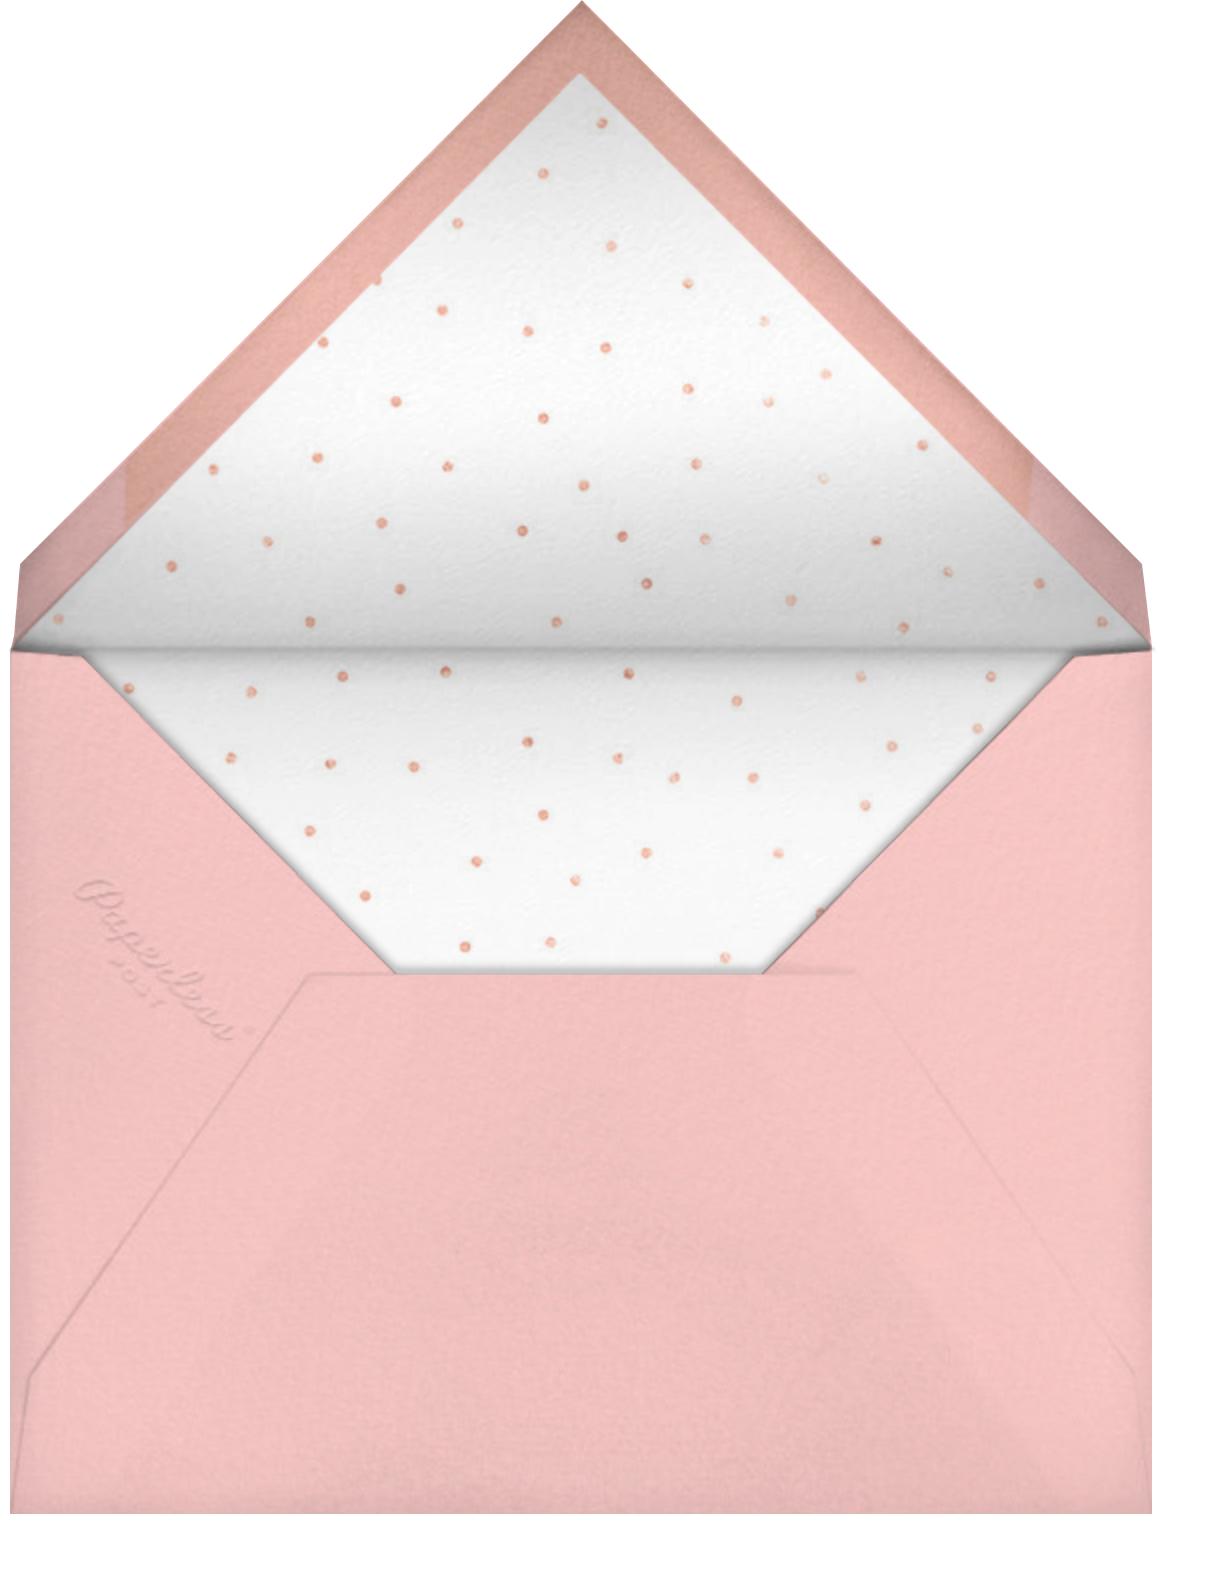 Fairy Nice - Light - Meri Meri - Kids' birthday - envelope back